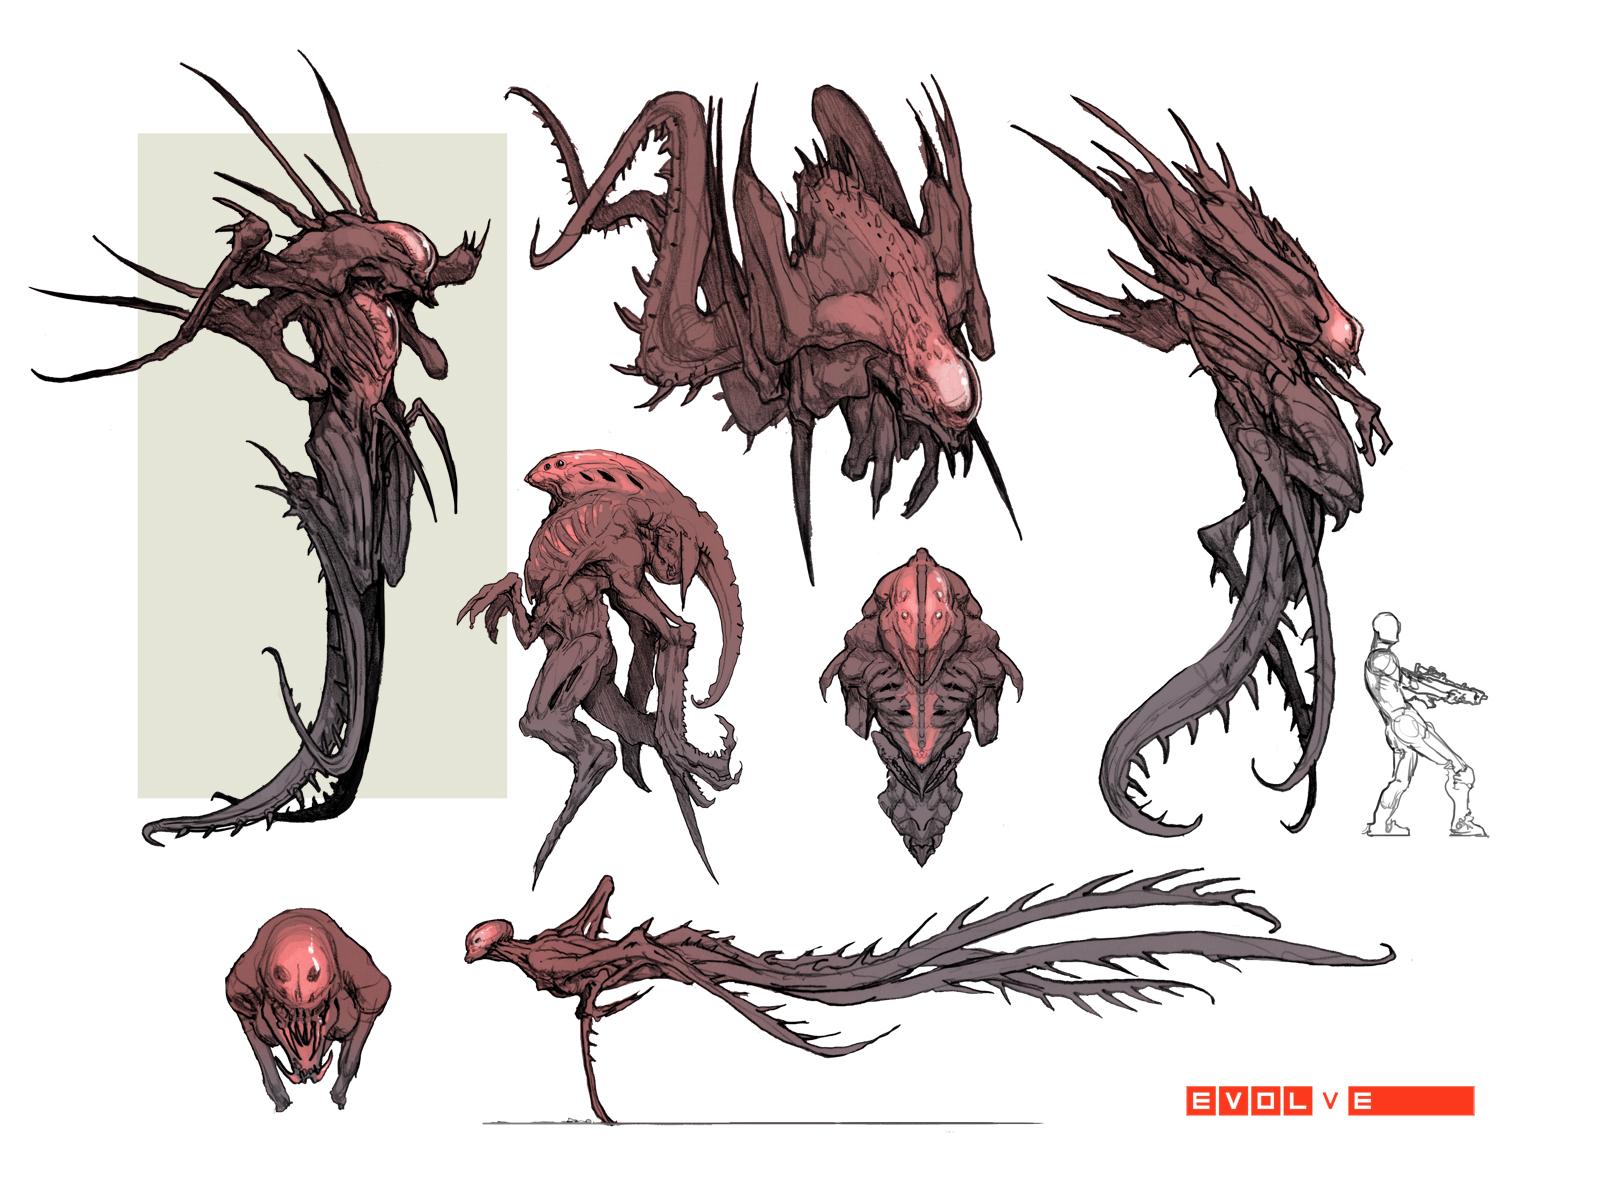 Evolve Monster Concept Art - Goliath - 767.5KB